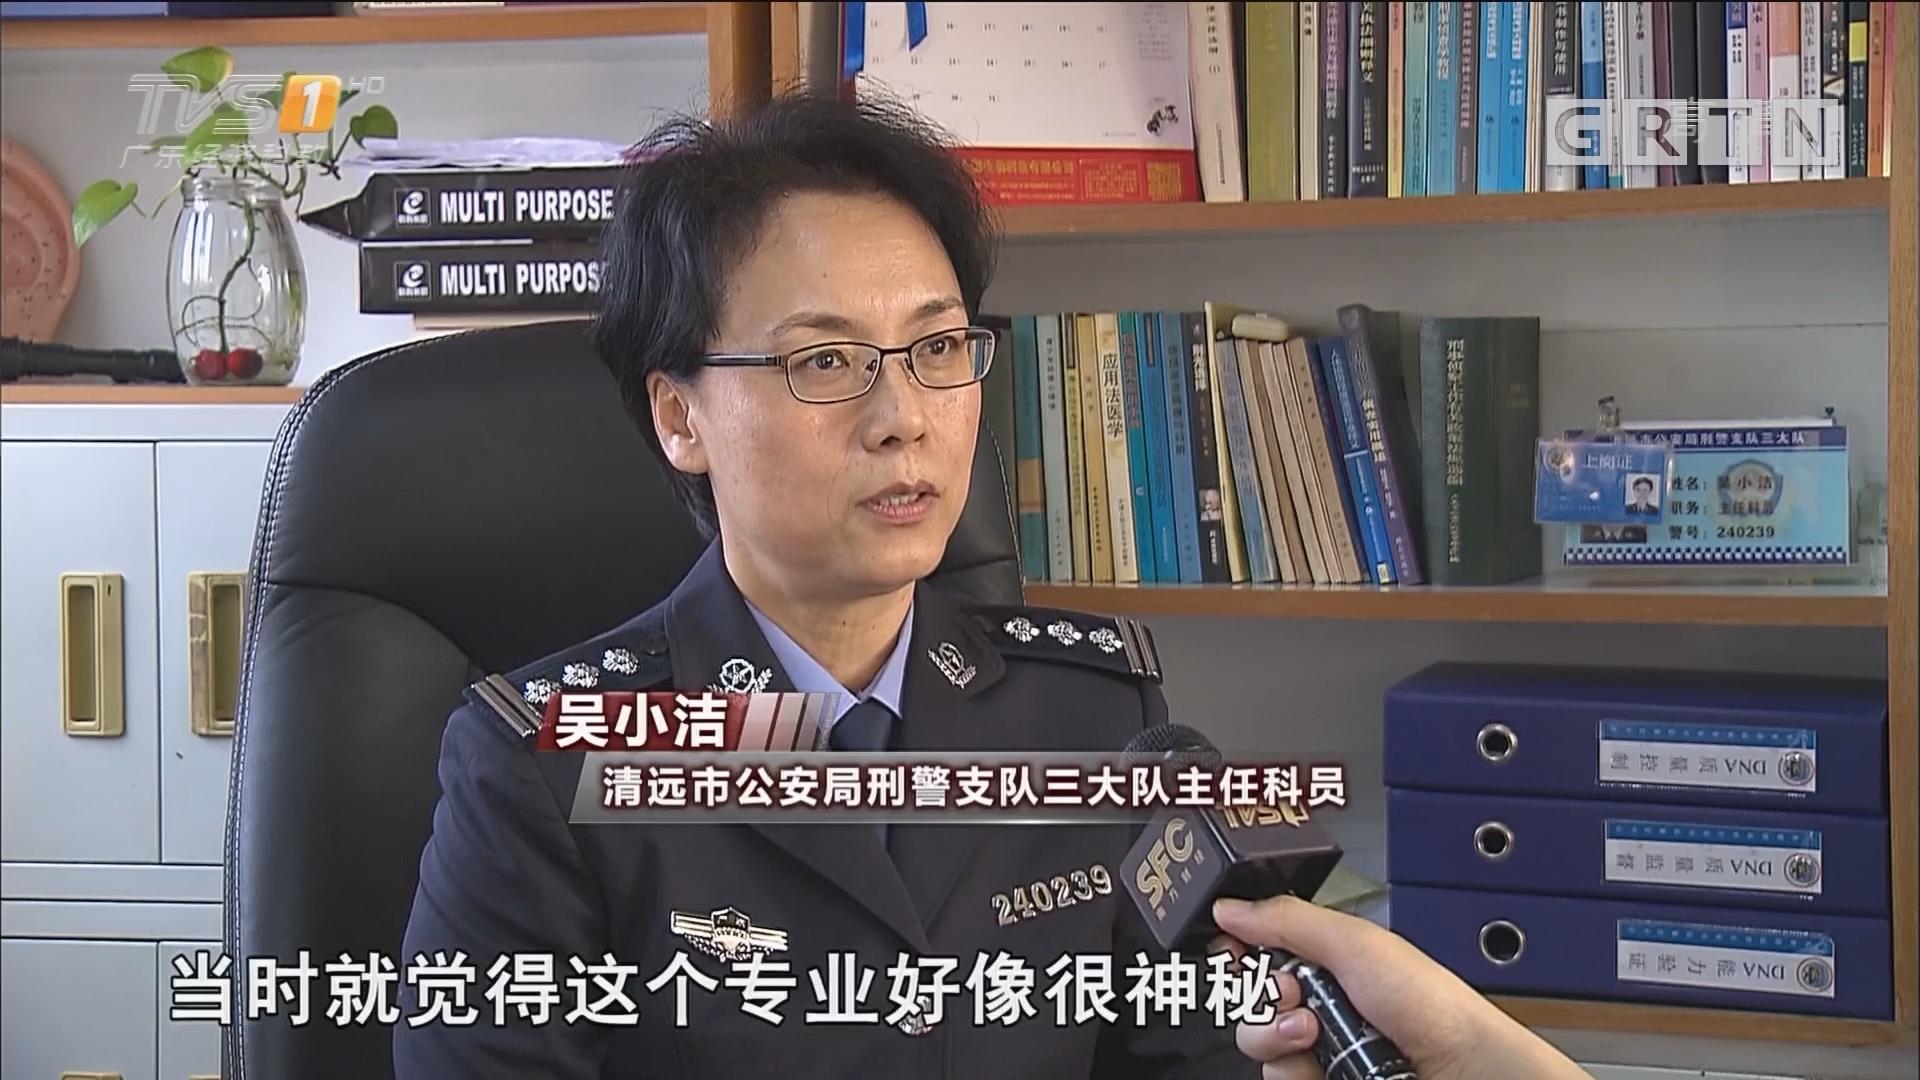 广东警察故事:证据其实会说话 女法医吴小洁